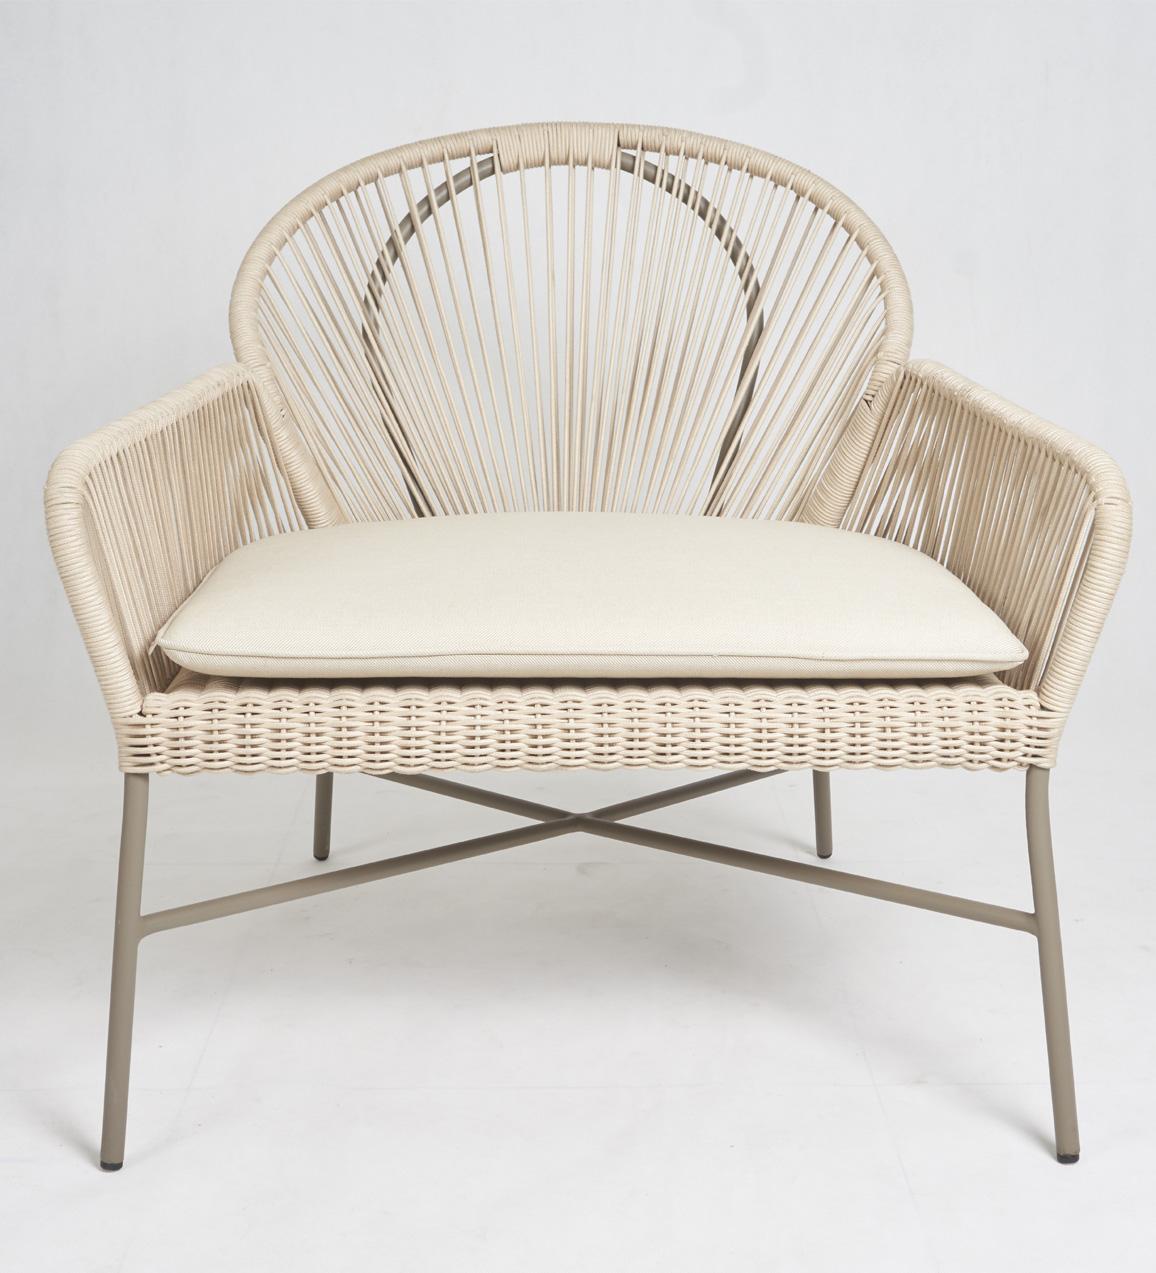 pandura lounge stool detail 5